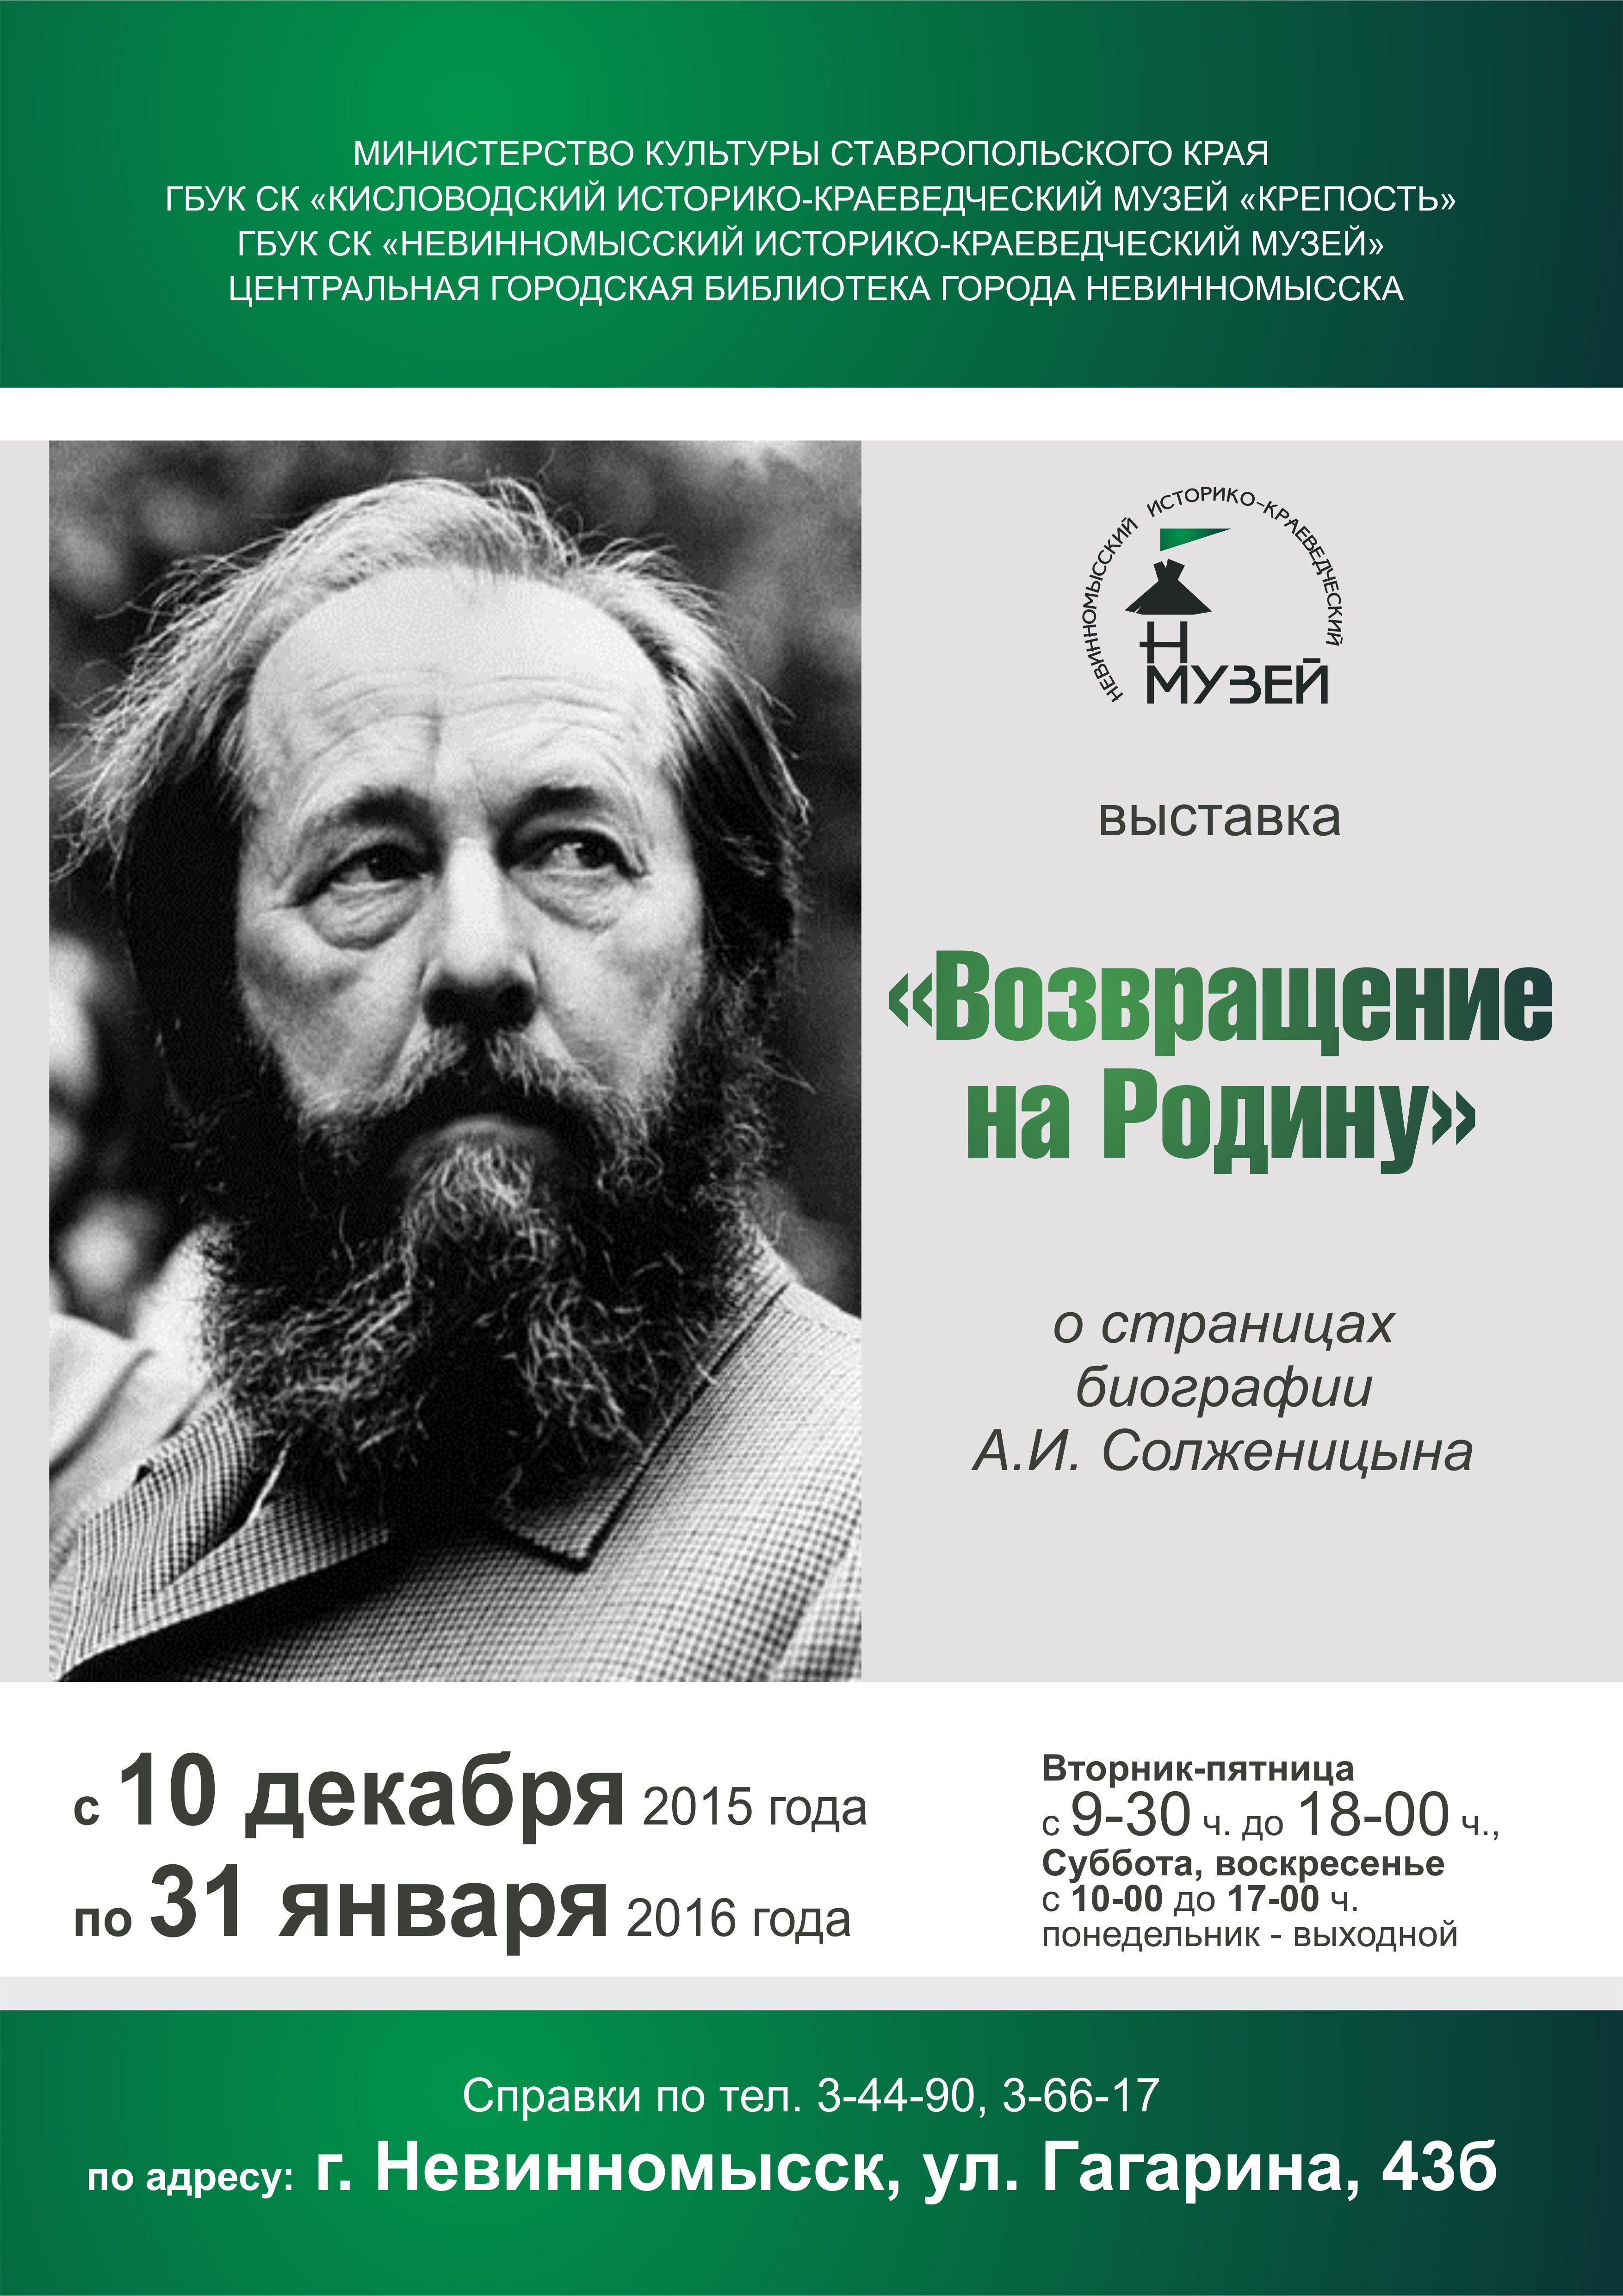 афиша солженицын